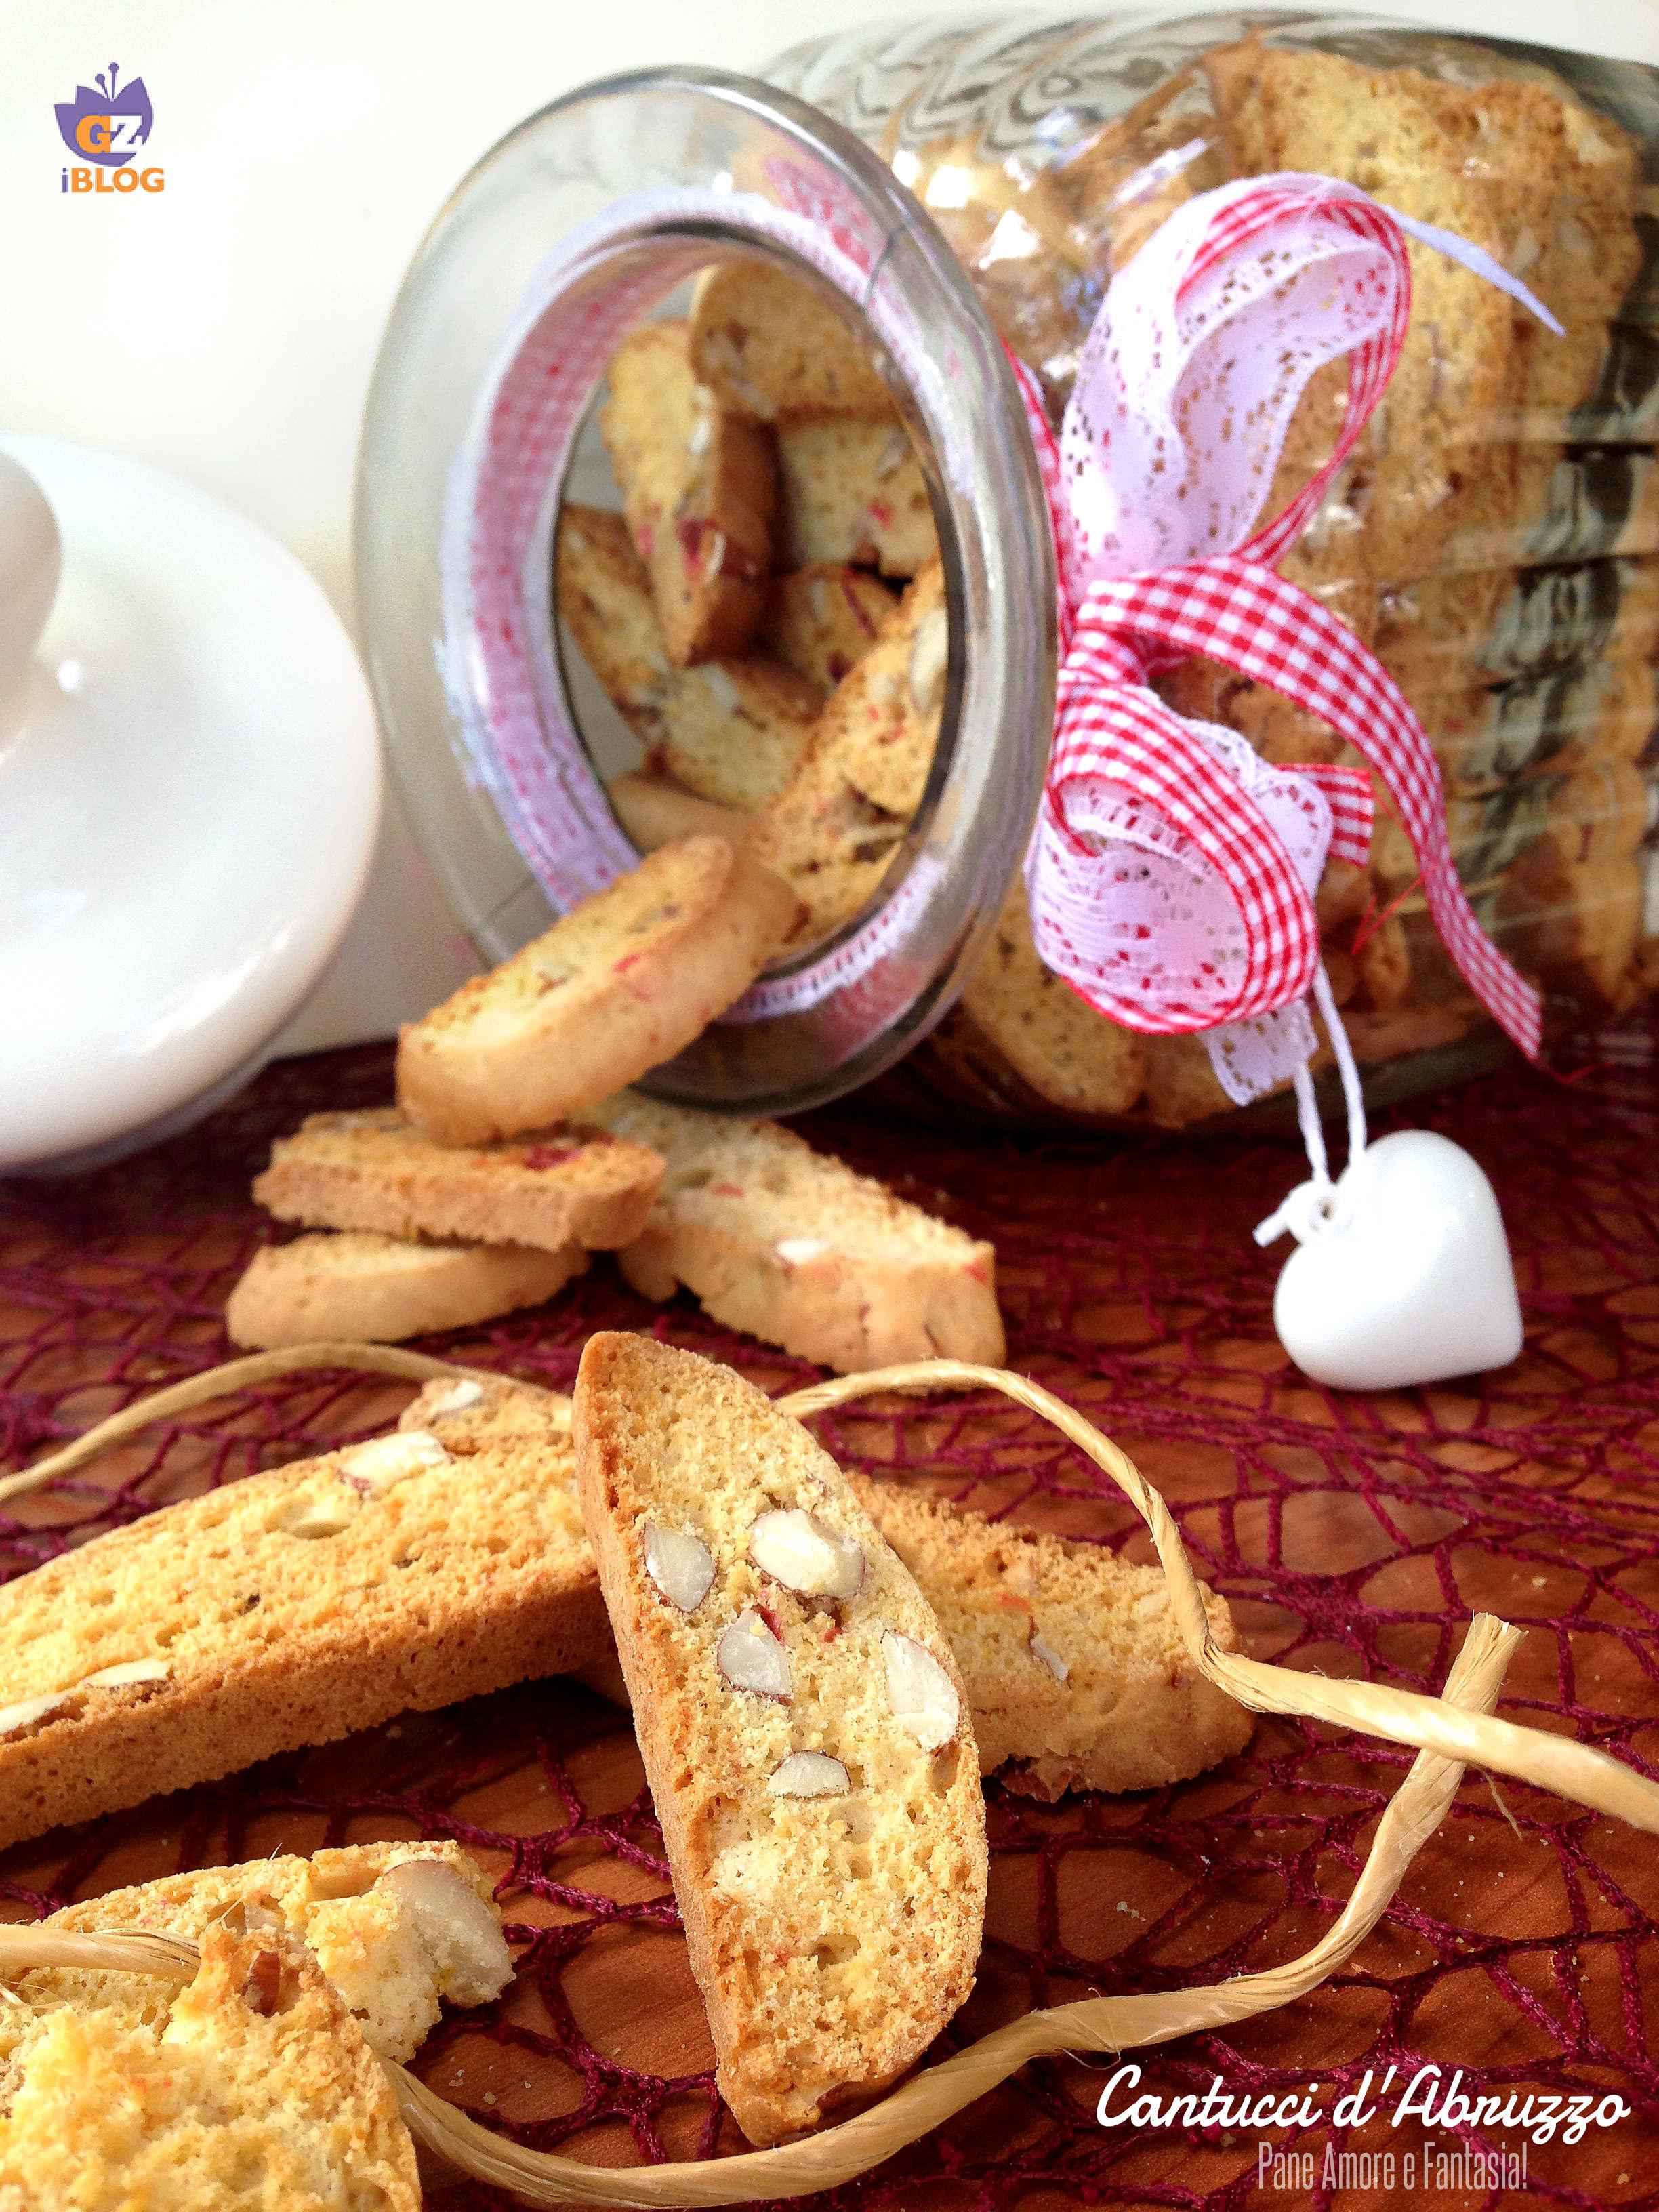 biscotti alle mandorle - cantucci d'abruzzo